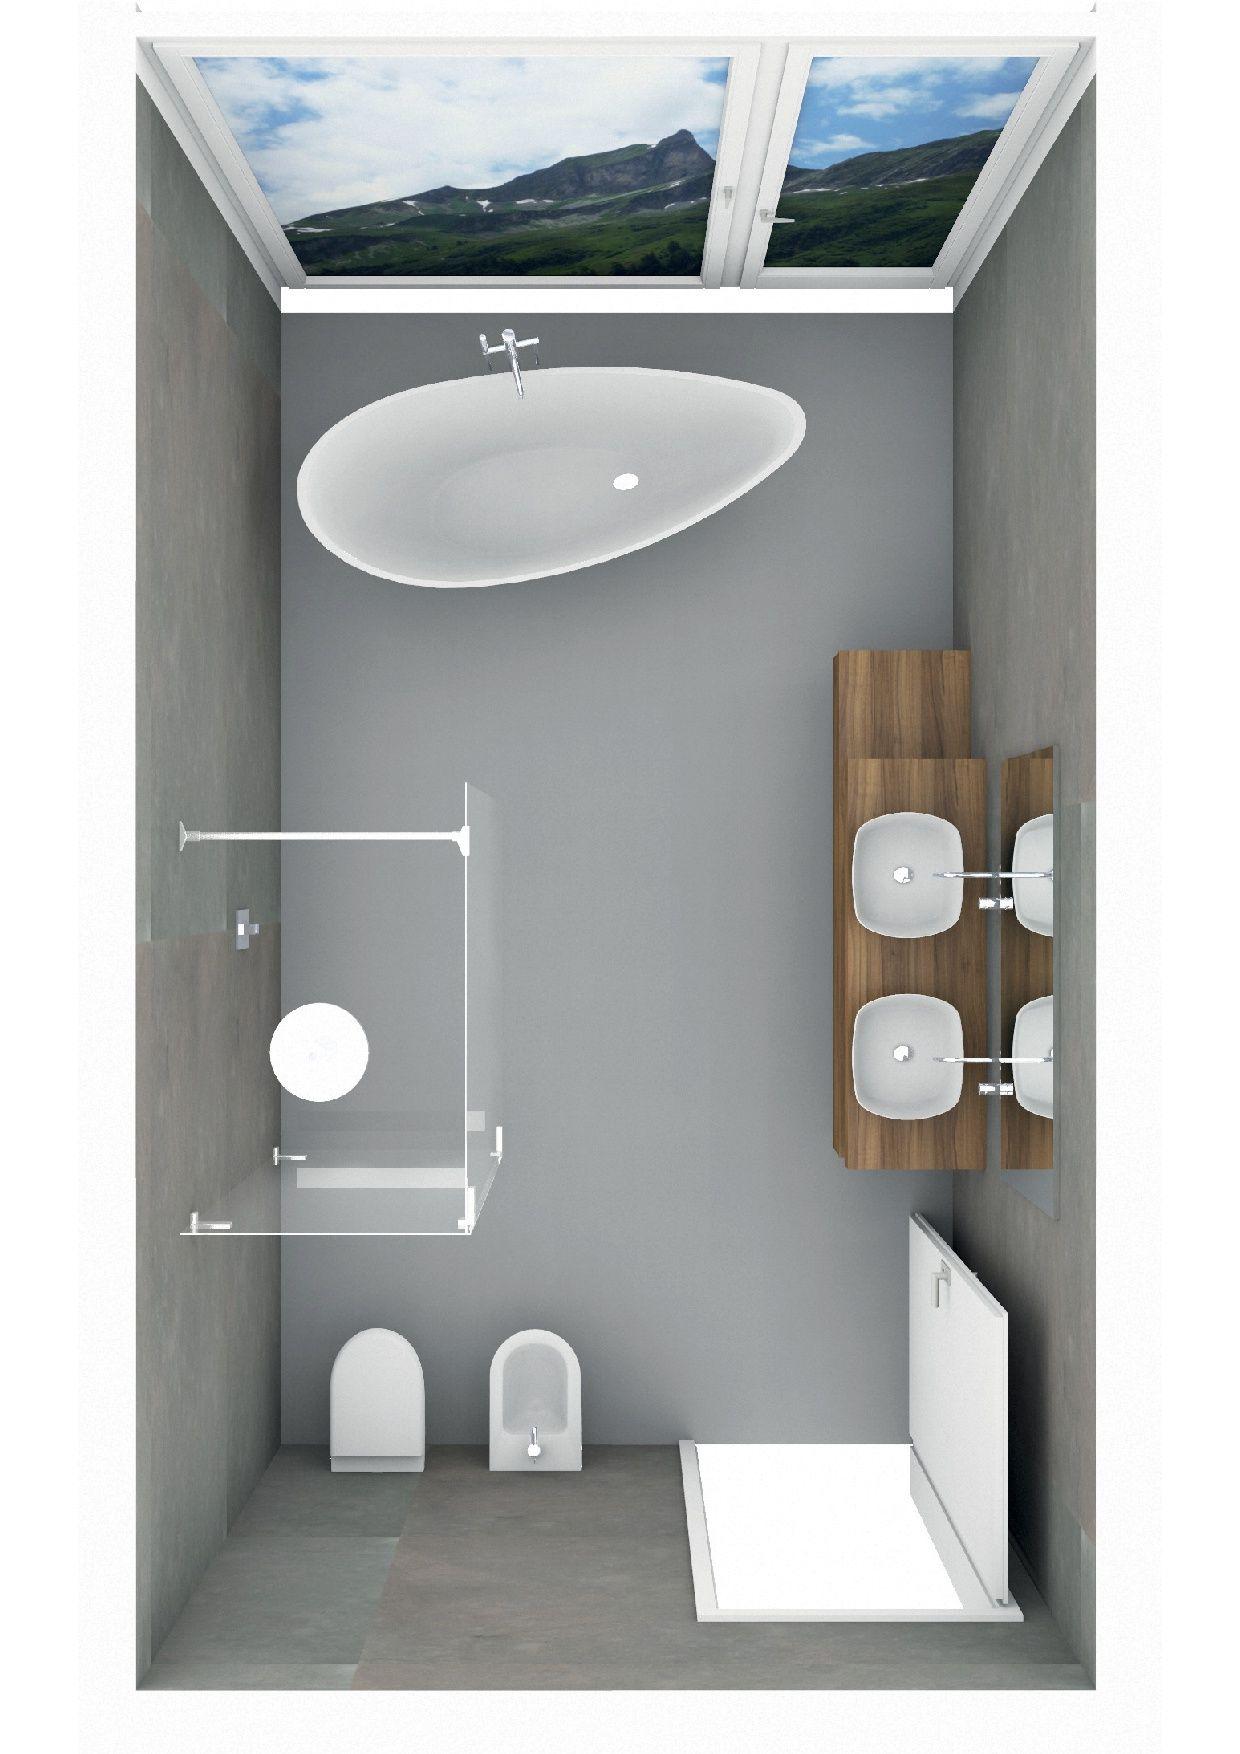 Badplanung Badezimmer Mit Freistehender Badewanne Salle De Bain Sdb Bains